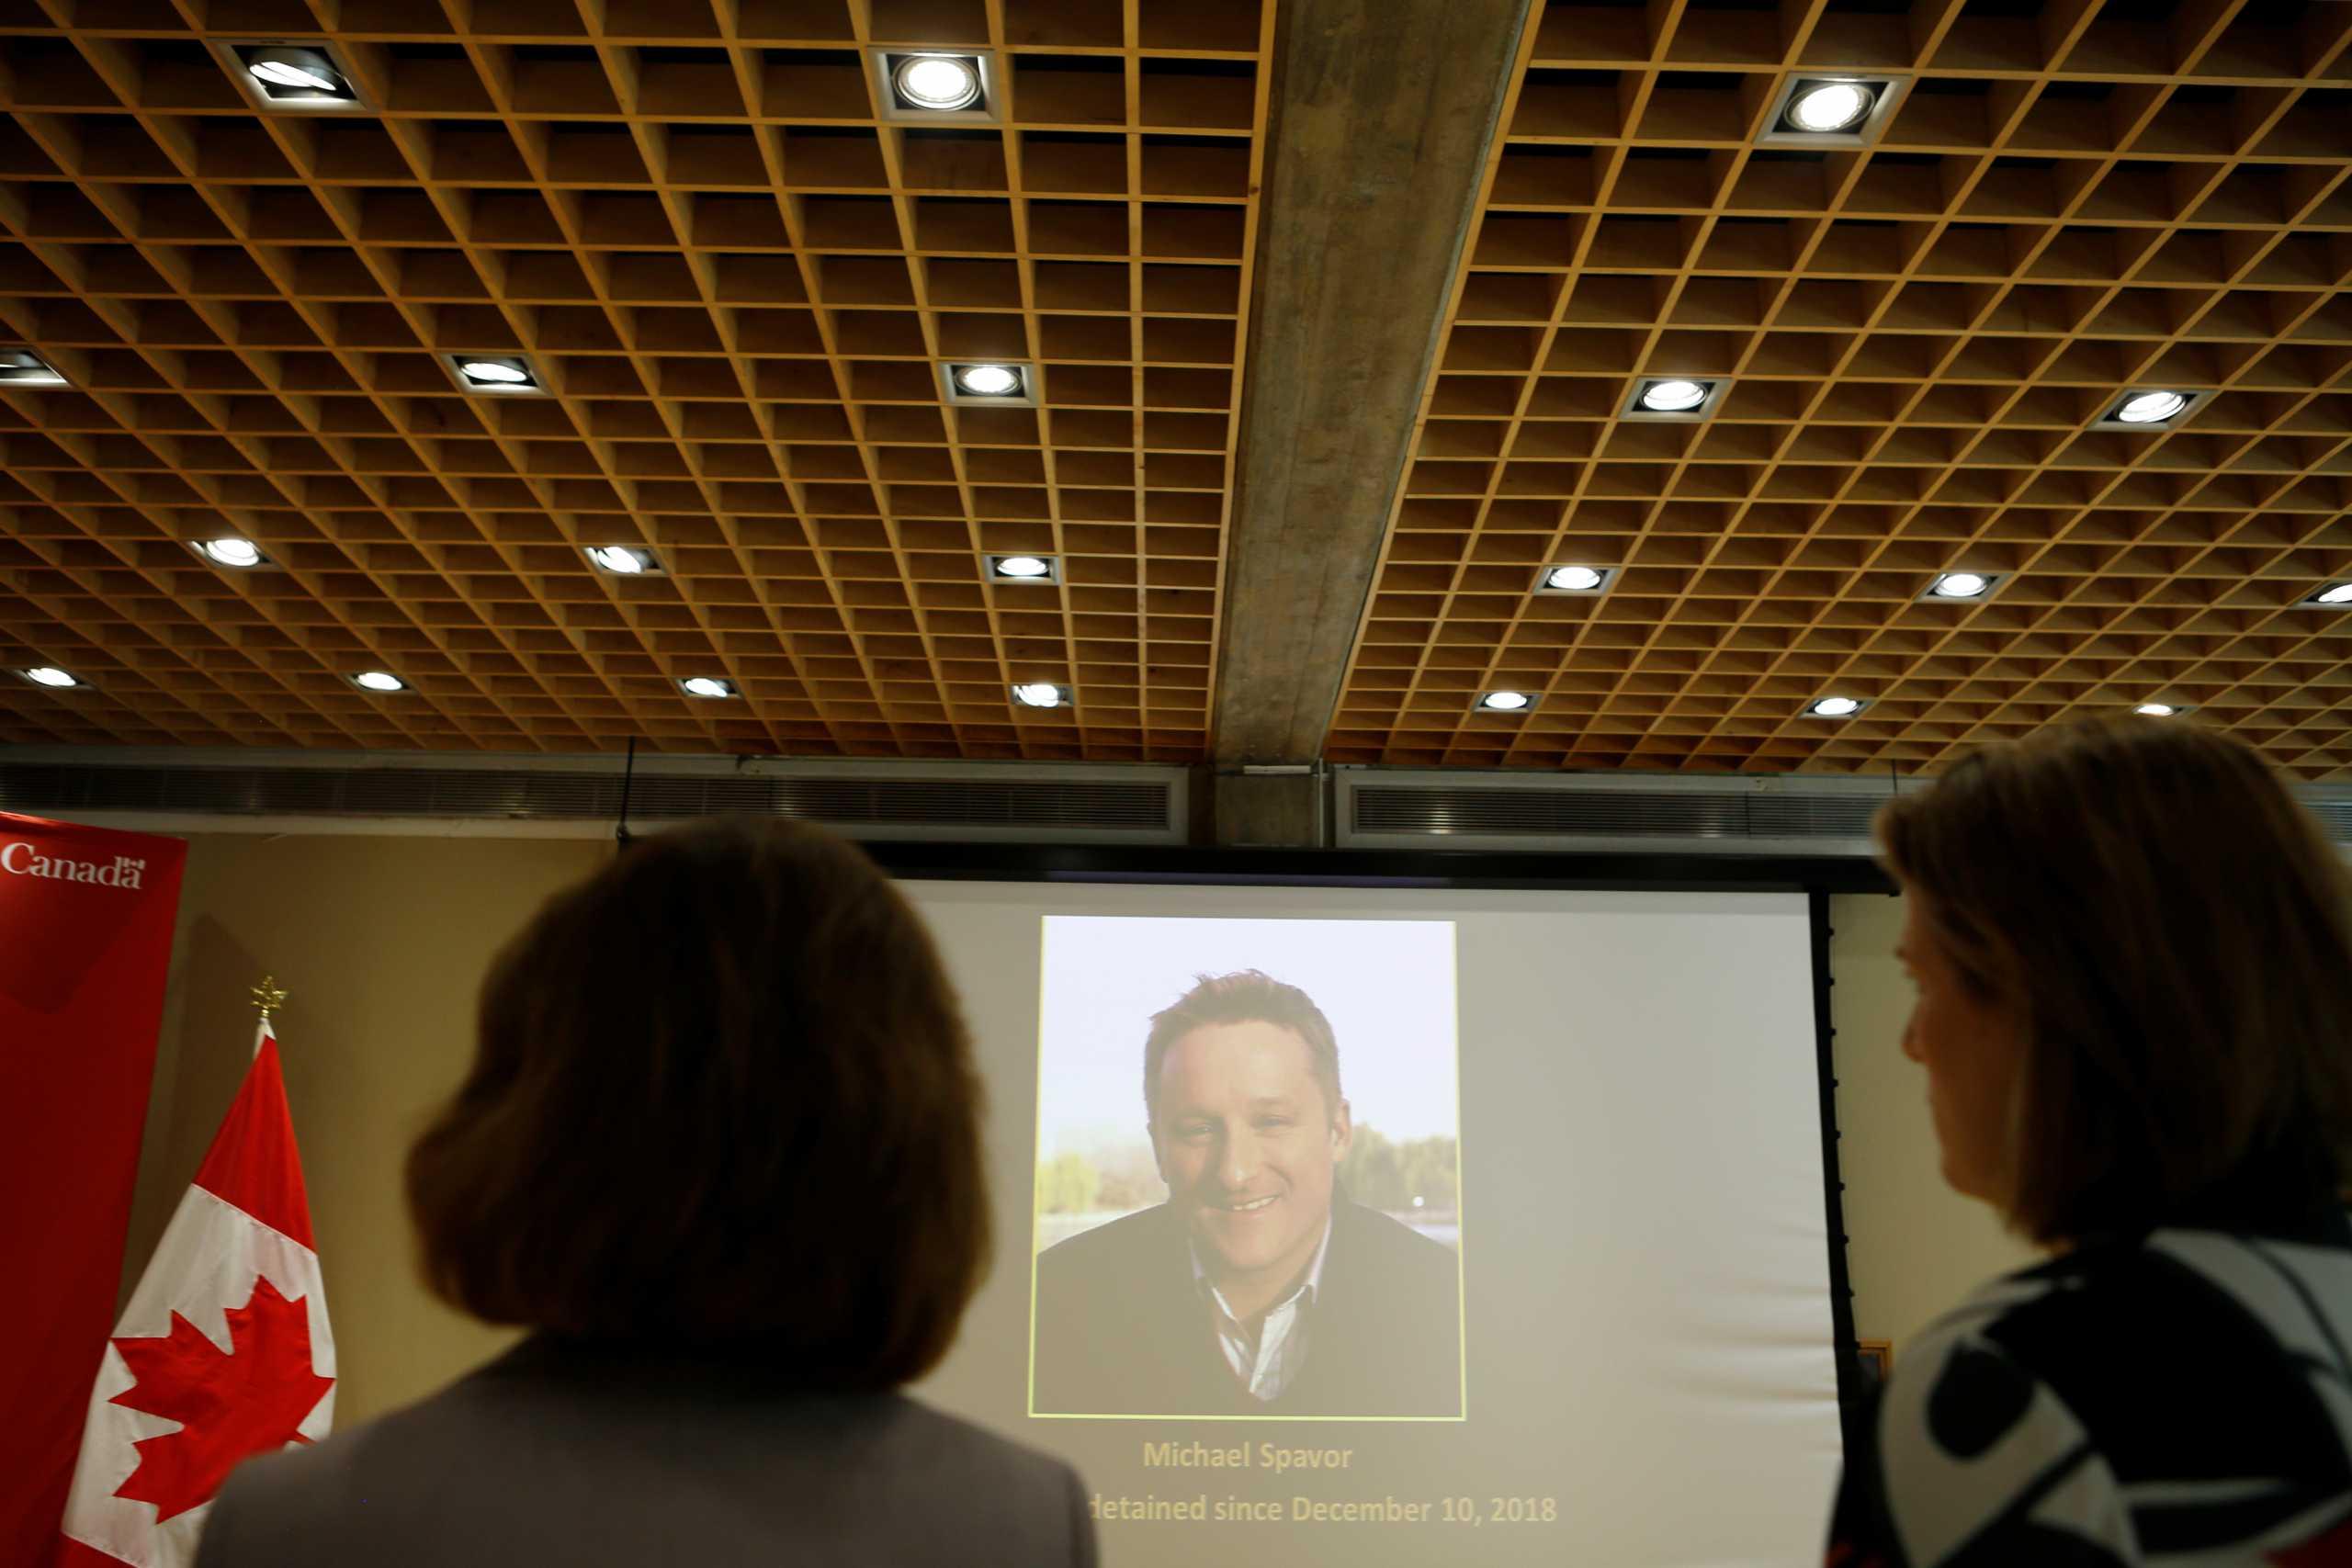 Τζάστιν Τριντό: «Απολύτως απαράδεκτη» η καταδίκη του Καναδού συμβούλου για κατασκοπεία στην Κίνα